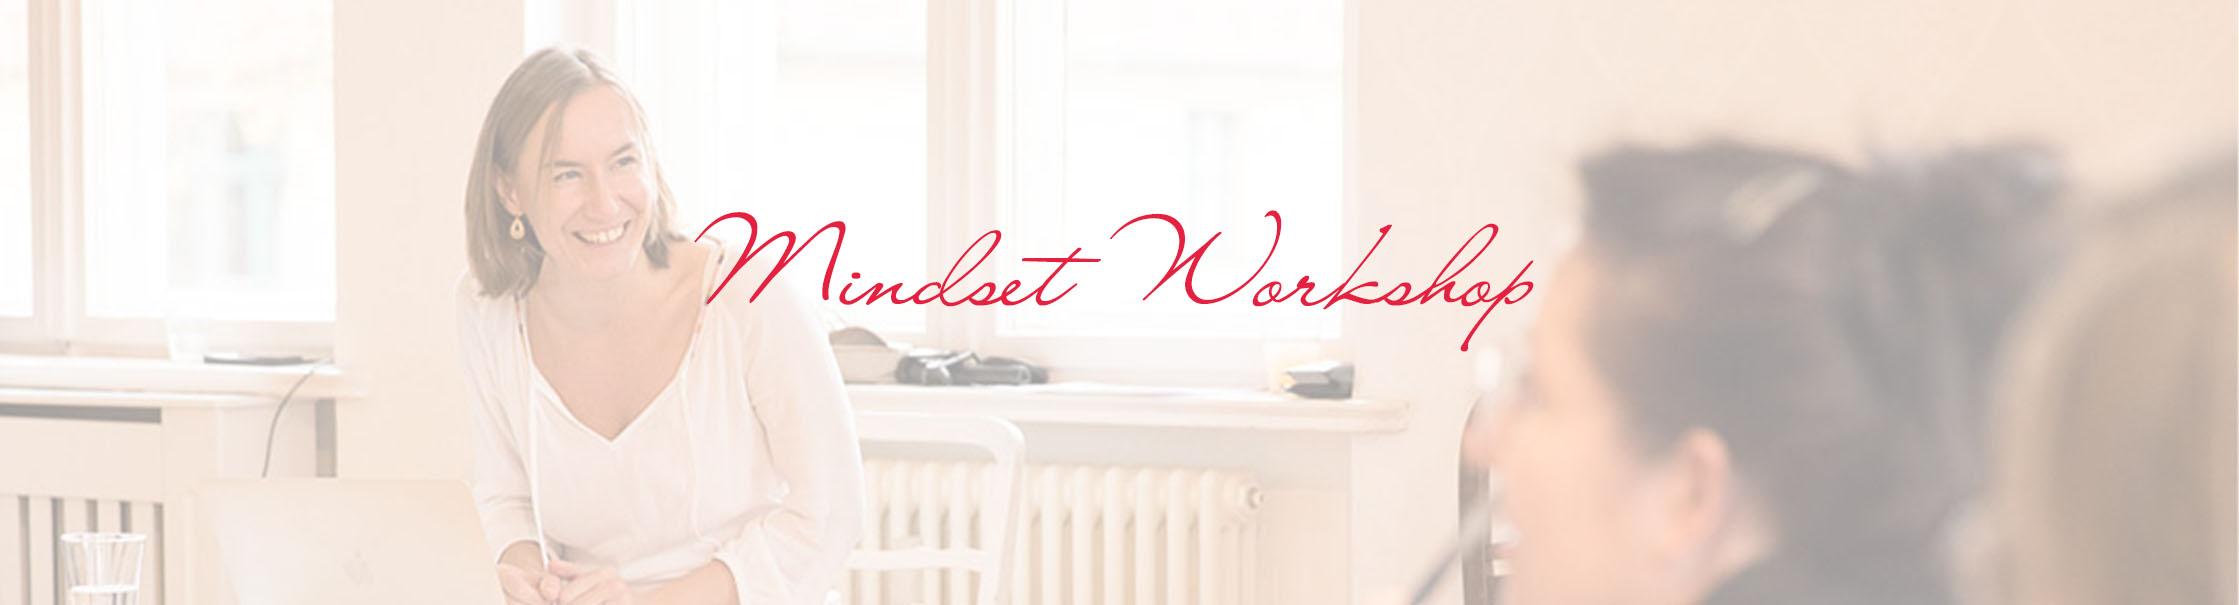 Mindset Workshop